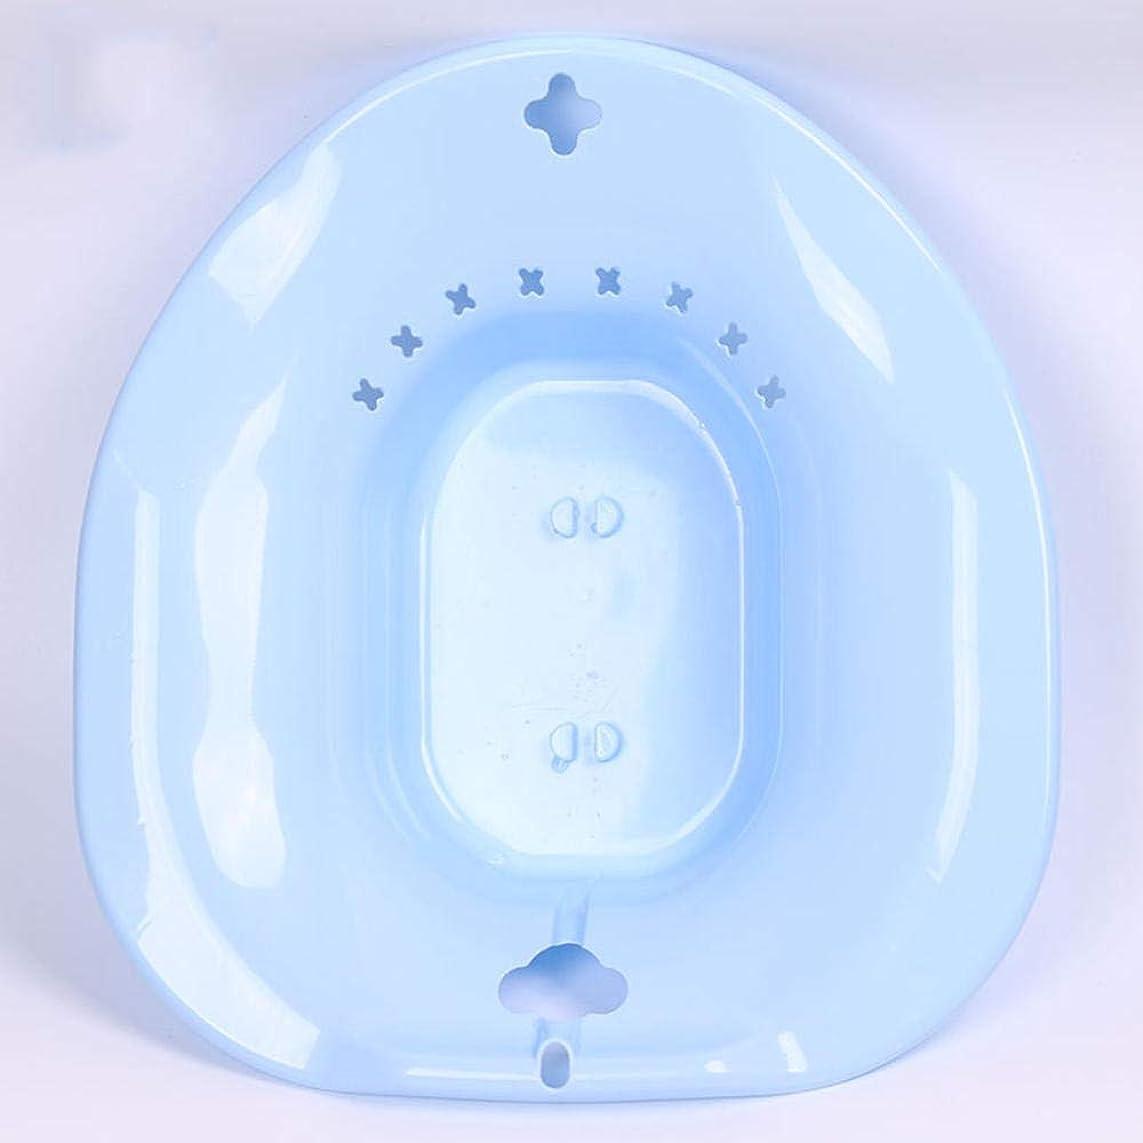 わずらわしい強化大使館シッツバスヒップバスフラッシャーバス洗面器妊娠中の女性のためのFu蒸Heトイレのヒップバスタブとフラッシャーの患者